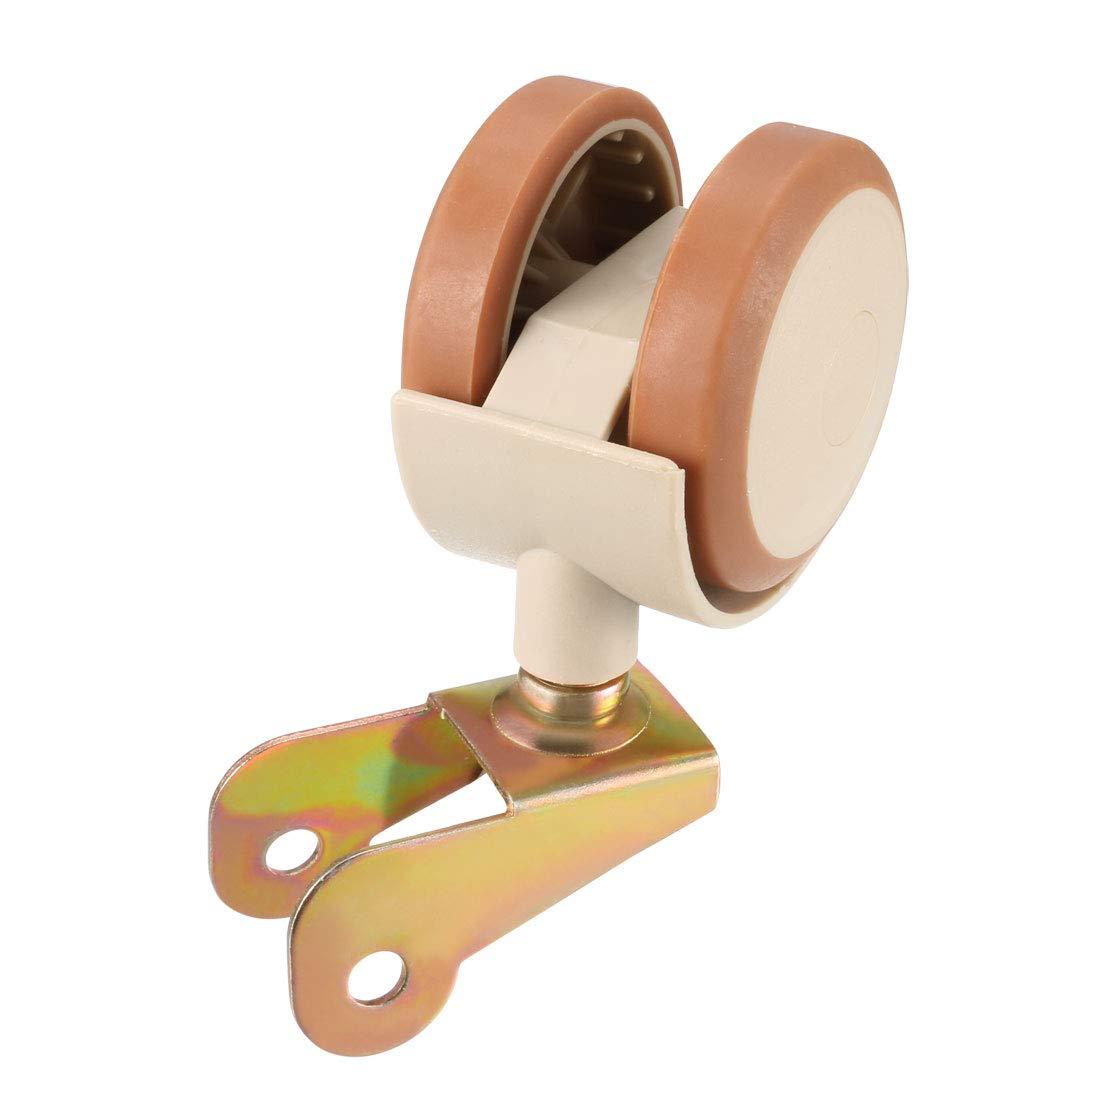 4pcs 1.85 Inch Swivel Caster Wheels U-Bracket Twin Wheel Brown with Brake